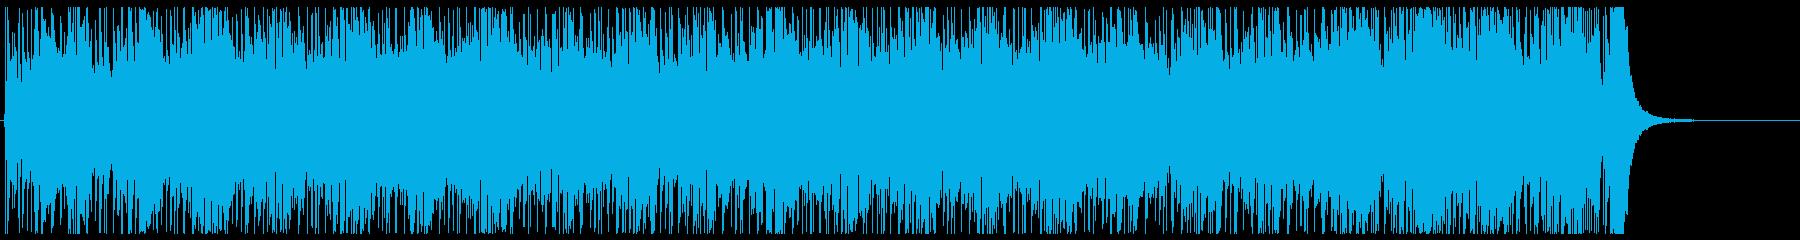 スピード スリル スポーツ 追跡 挑戦の再生済みの波形